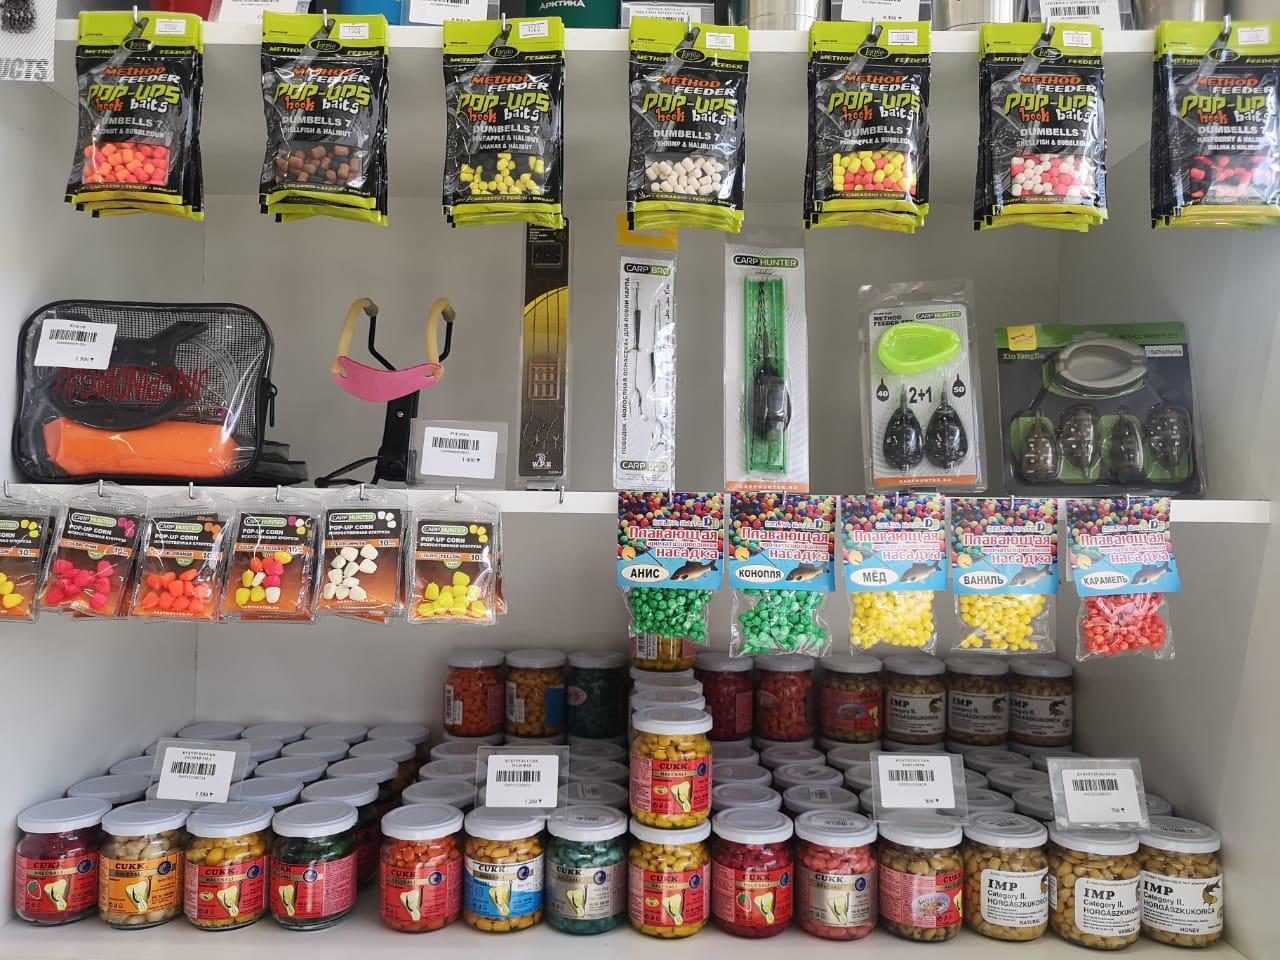 Удочки, спиннинги, товары для рыбалки, катушки - фото 5